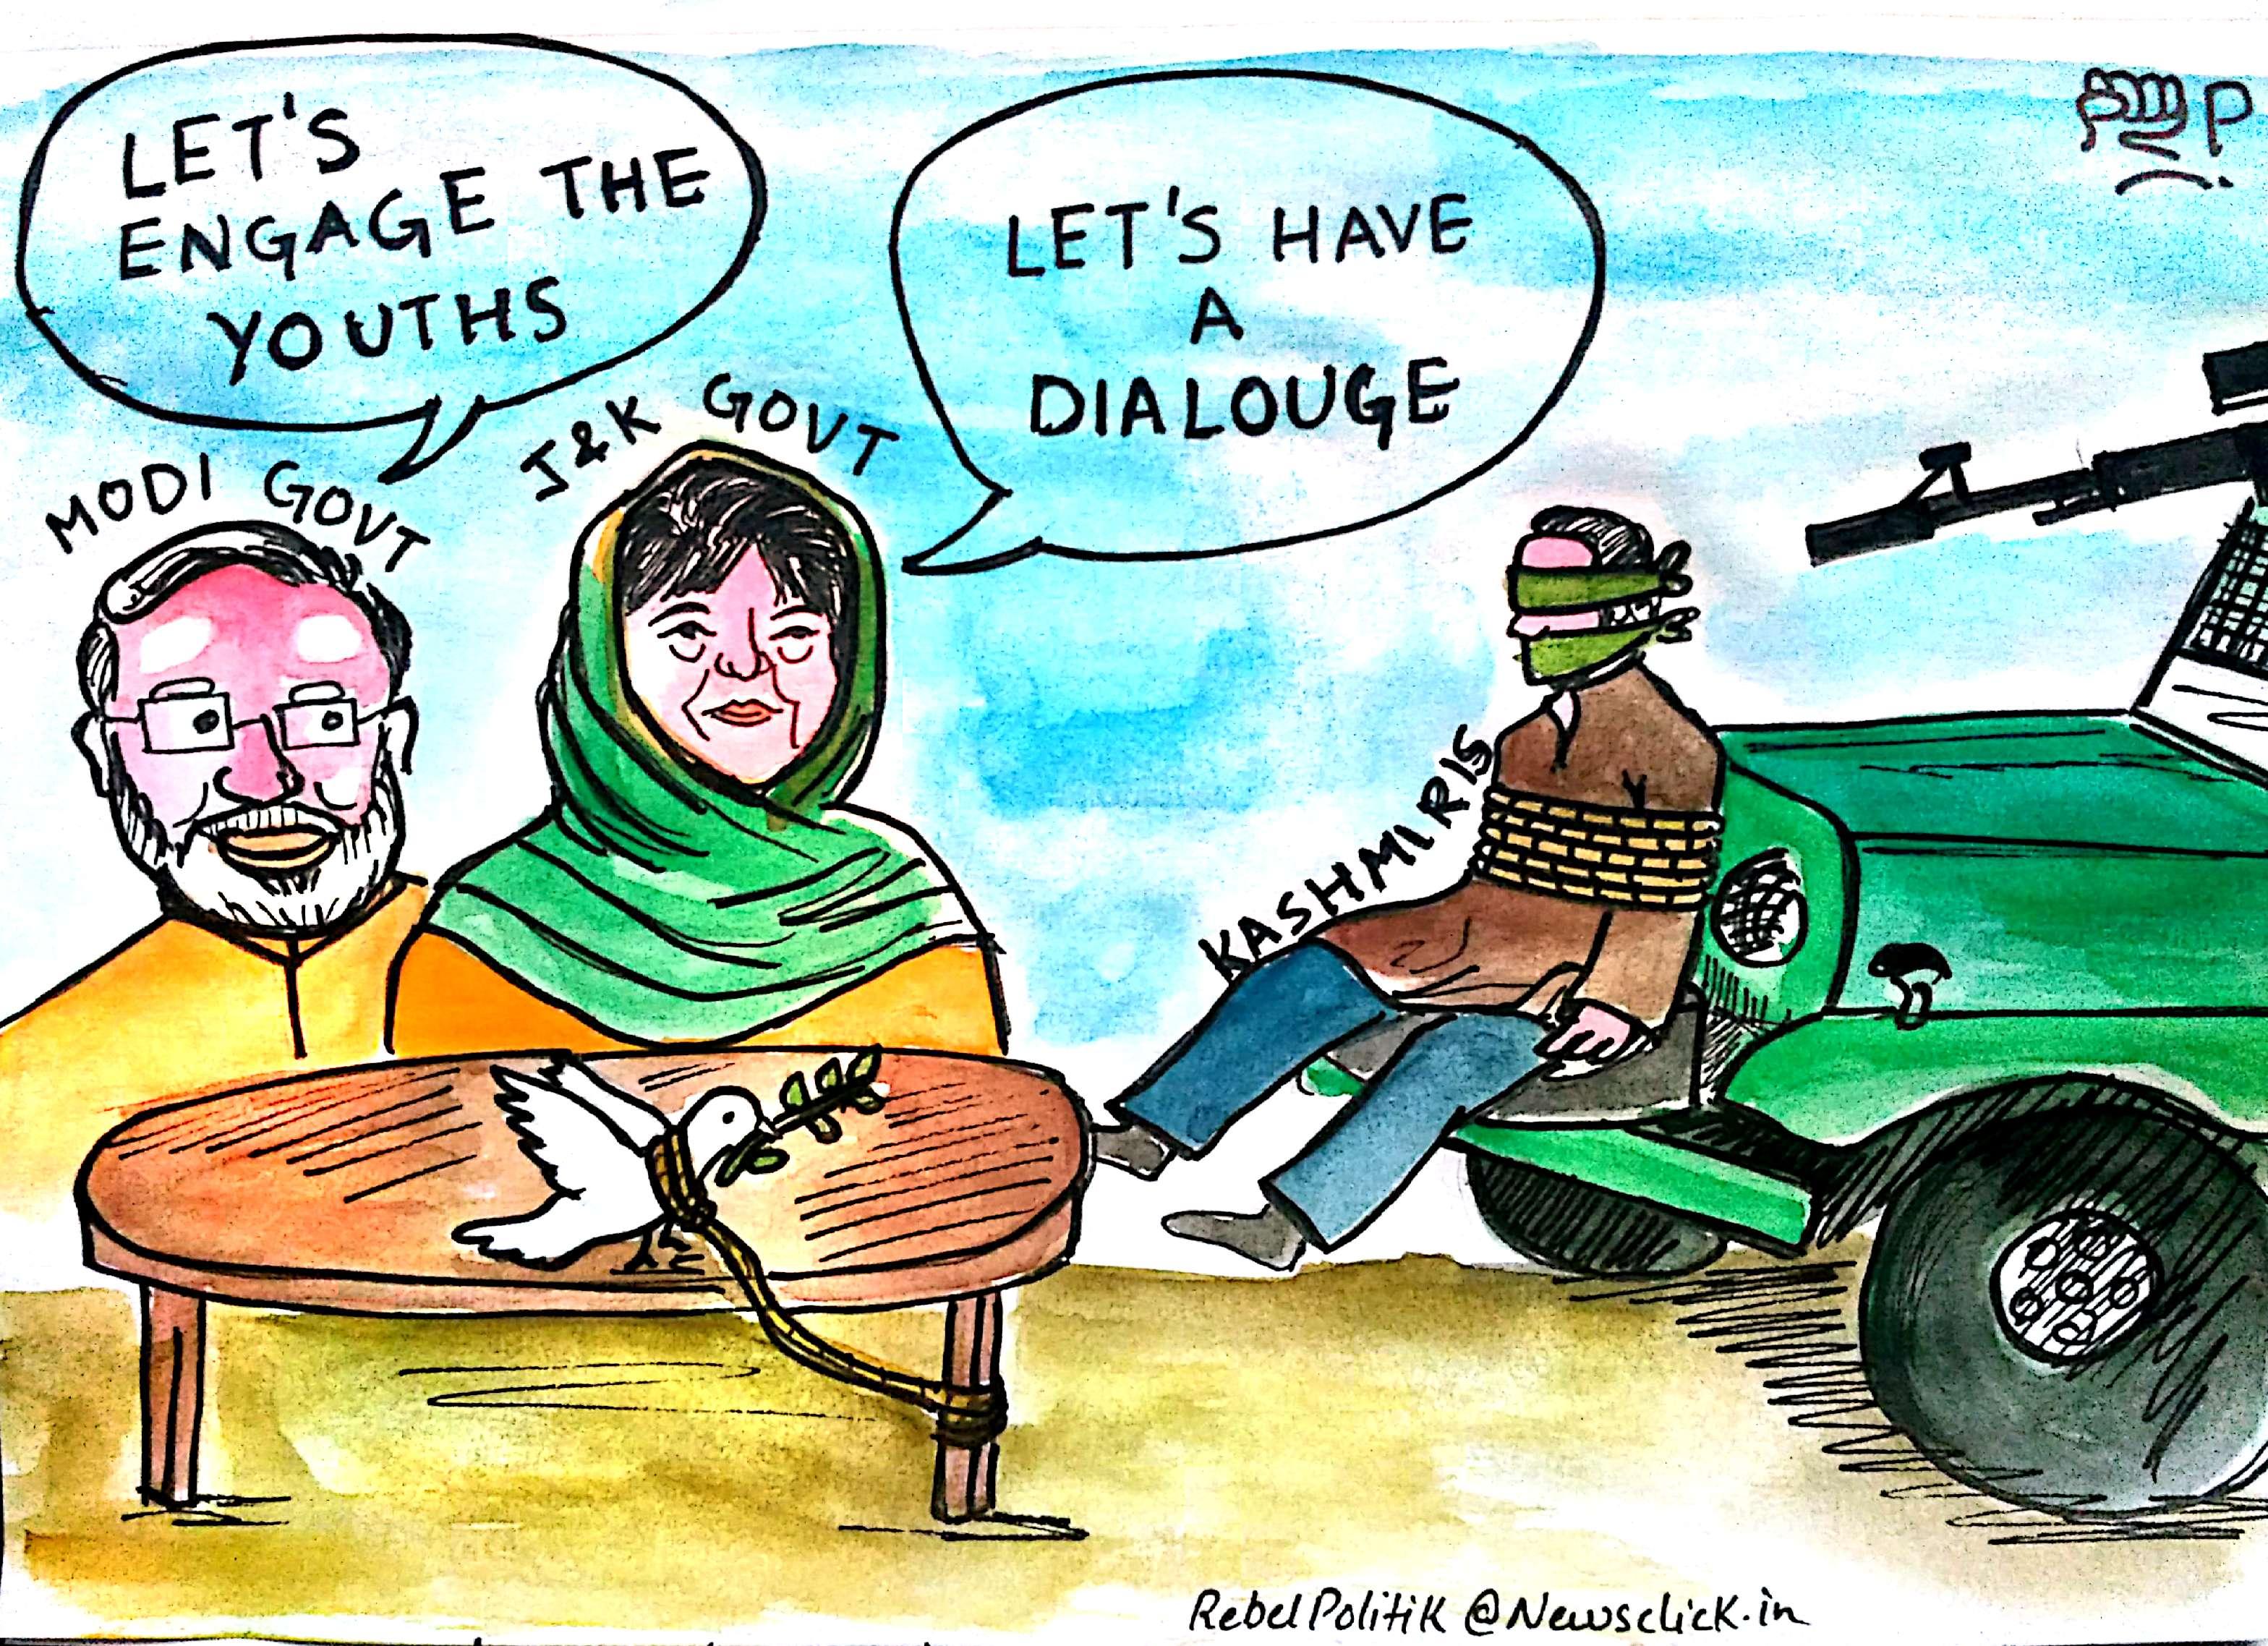 Kashmir Dialogue Drama!